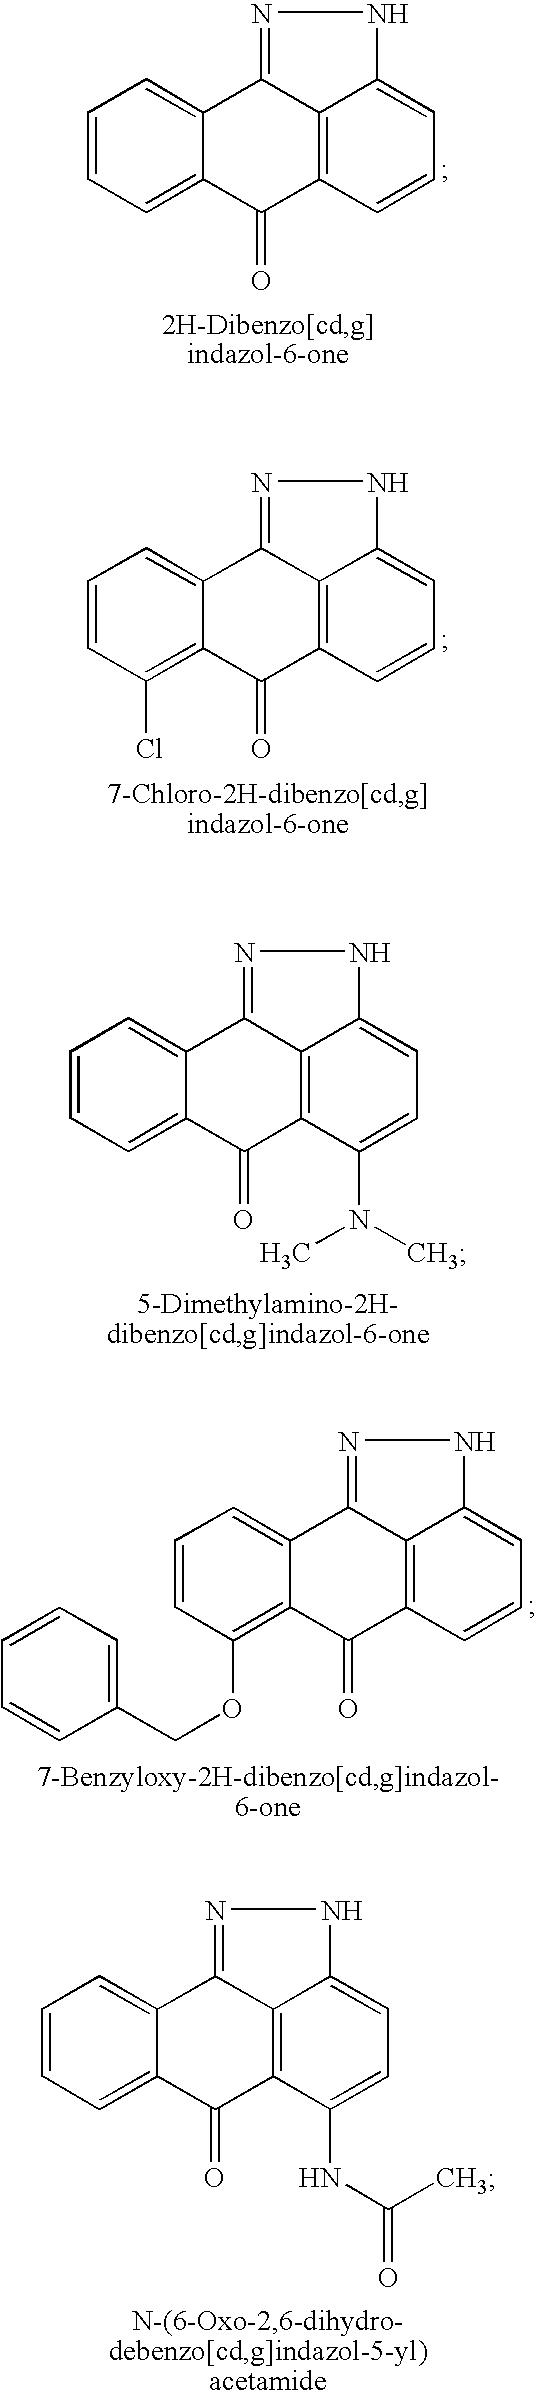 Figure US09598669-20170321-C00050